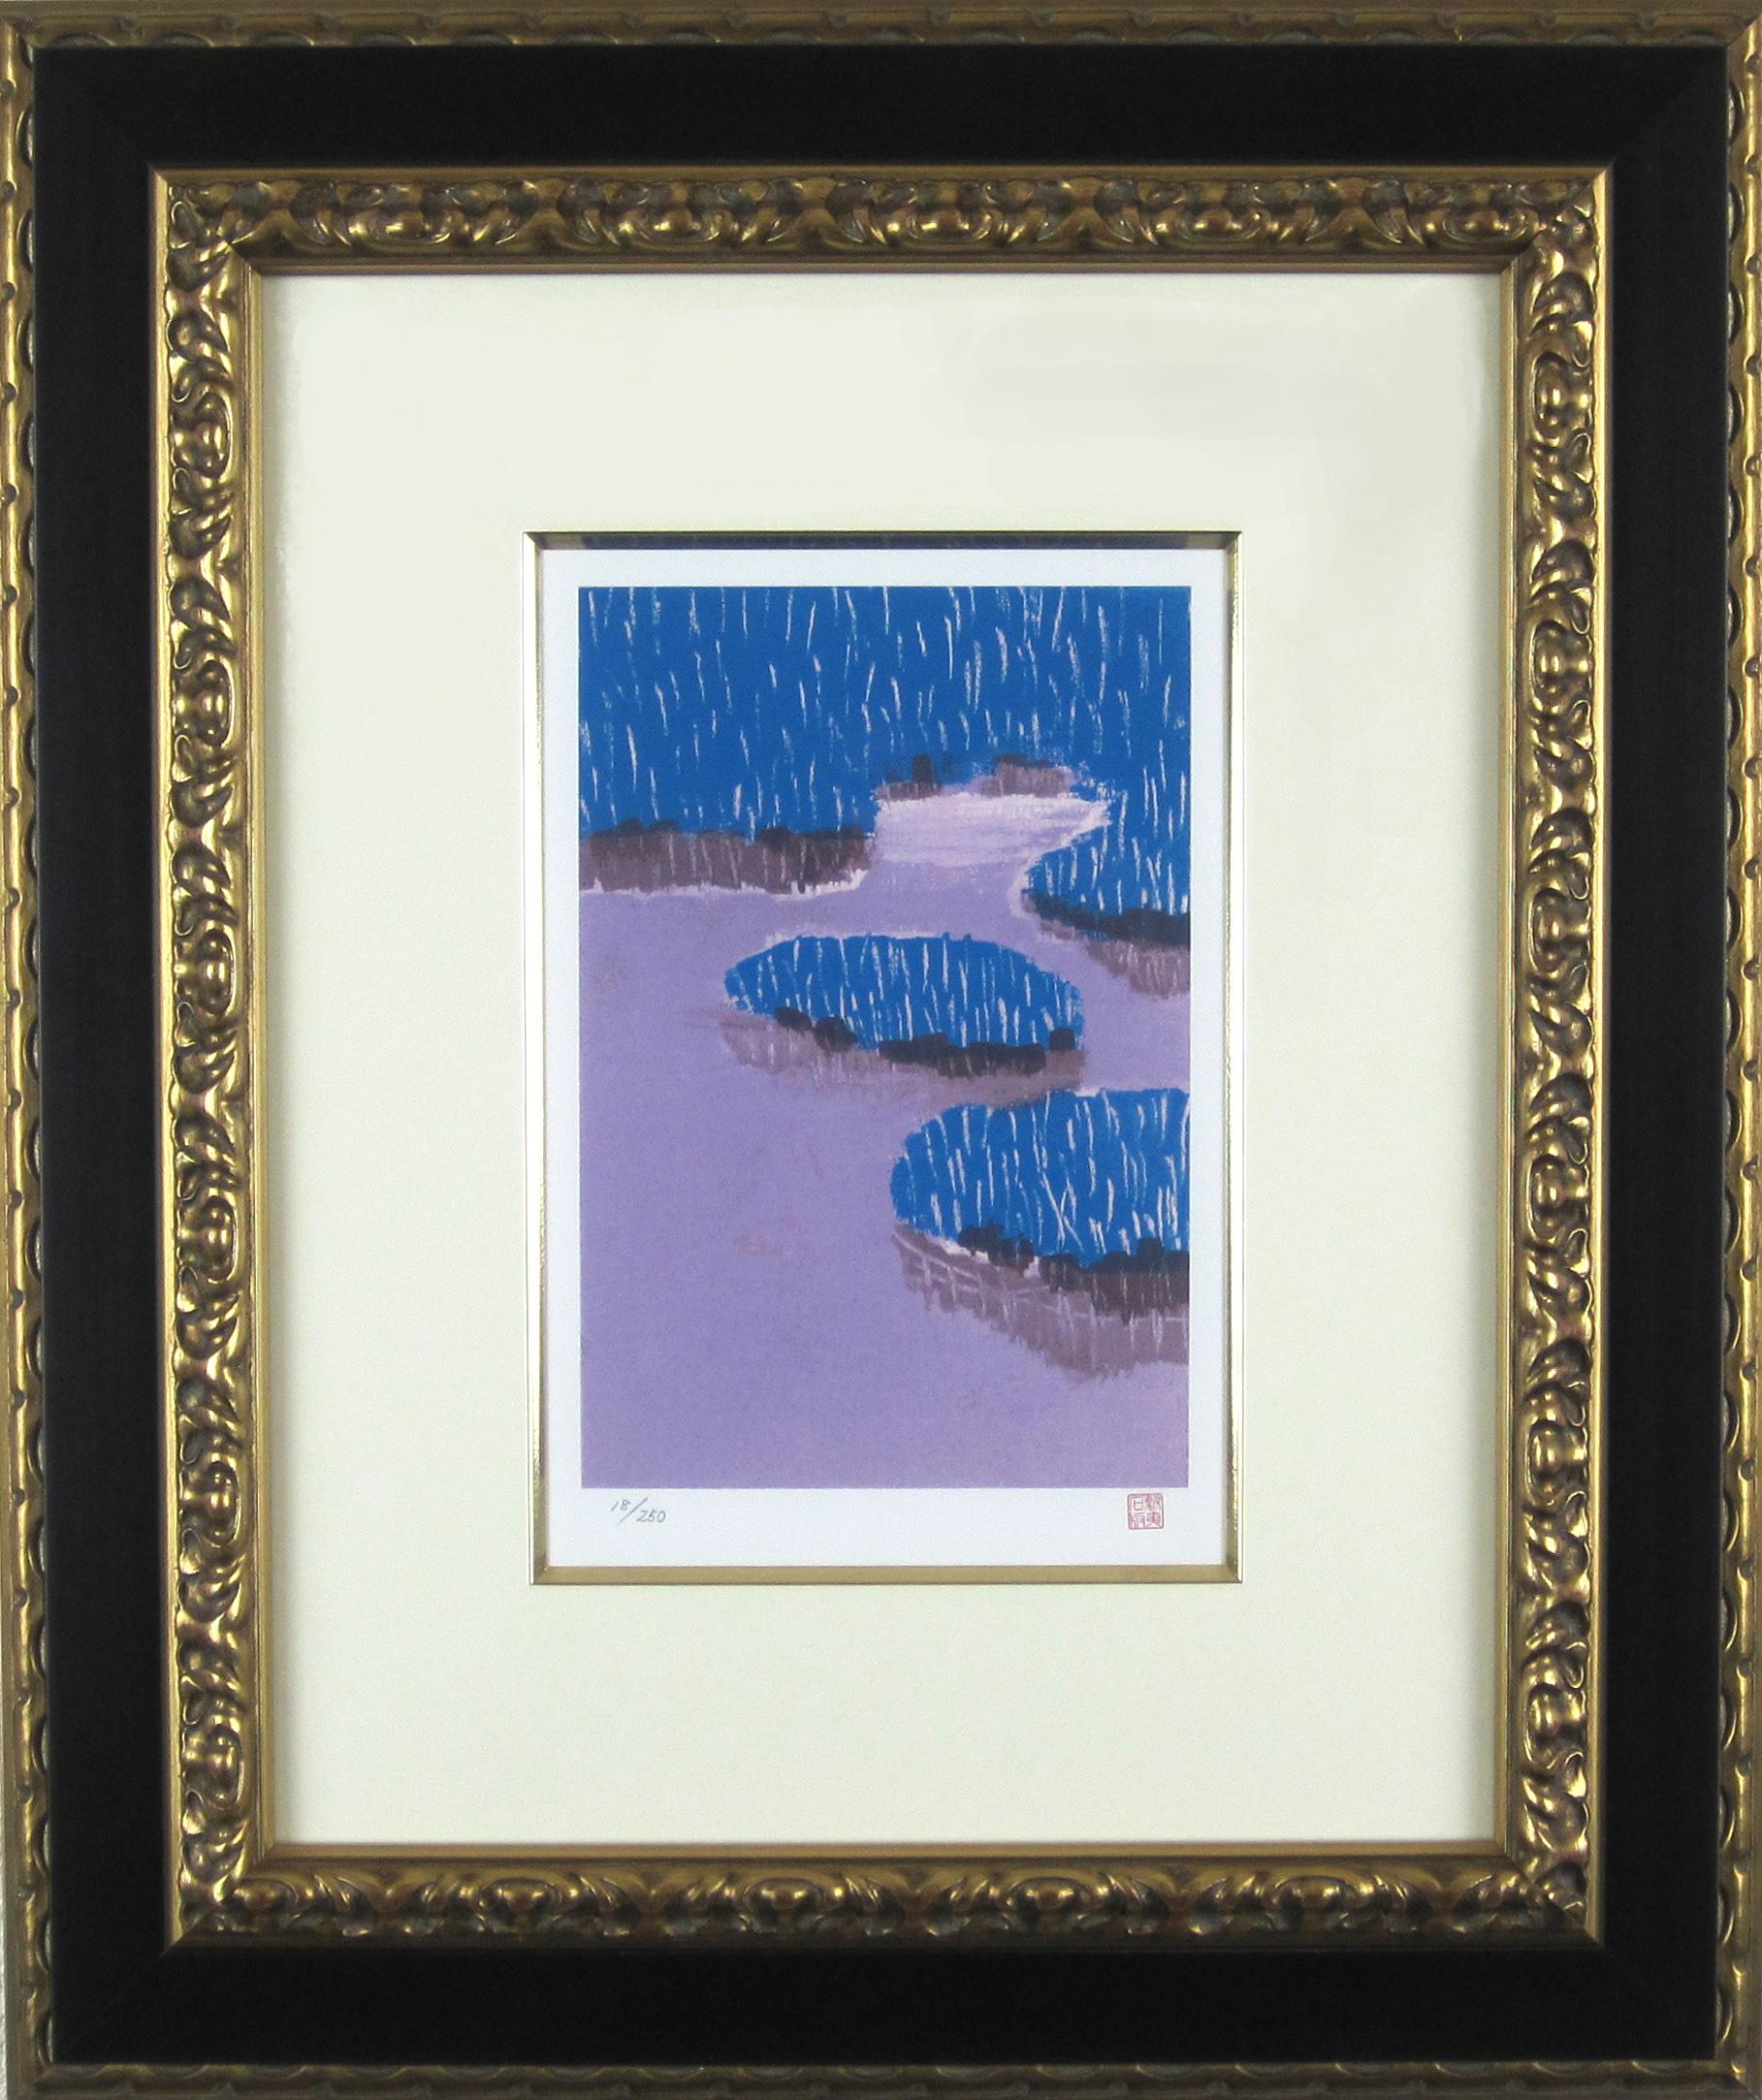 東山魁夷 「季の詩 九月」 1954年 卒寿記念 リトグラフ 額寸・476×566mm  商品画像